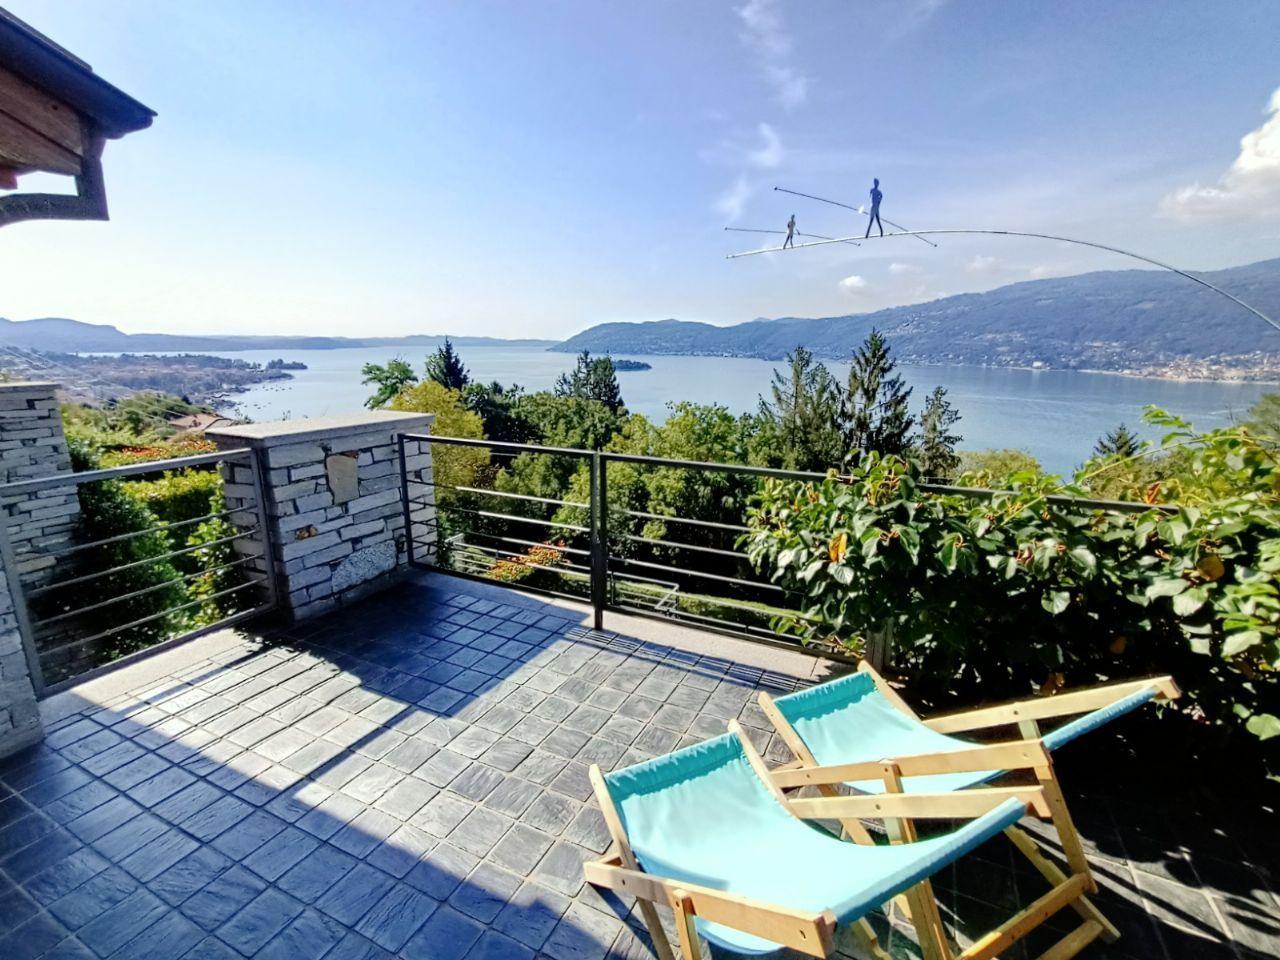 Casa indipendente a Suna con vista lago